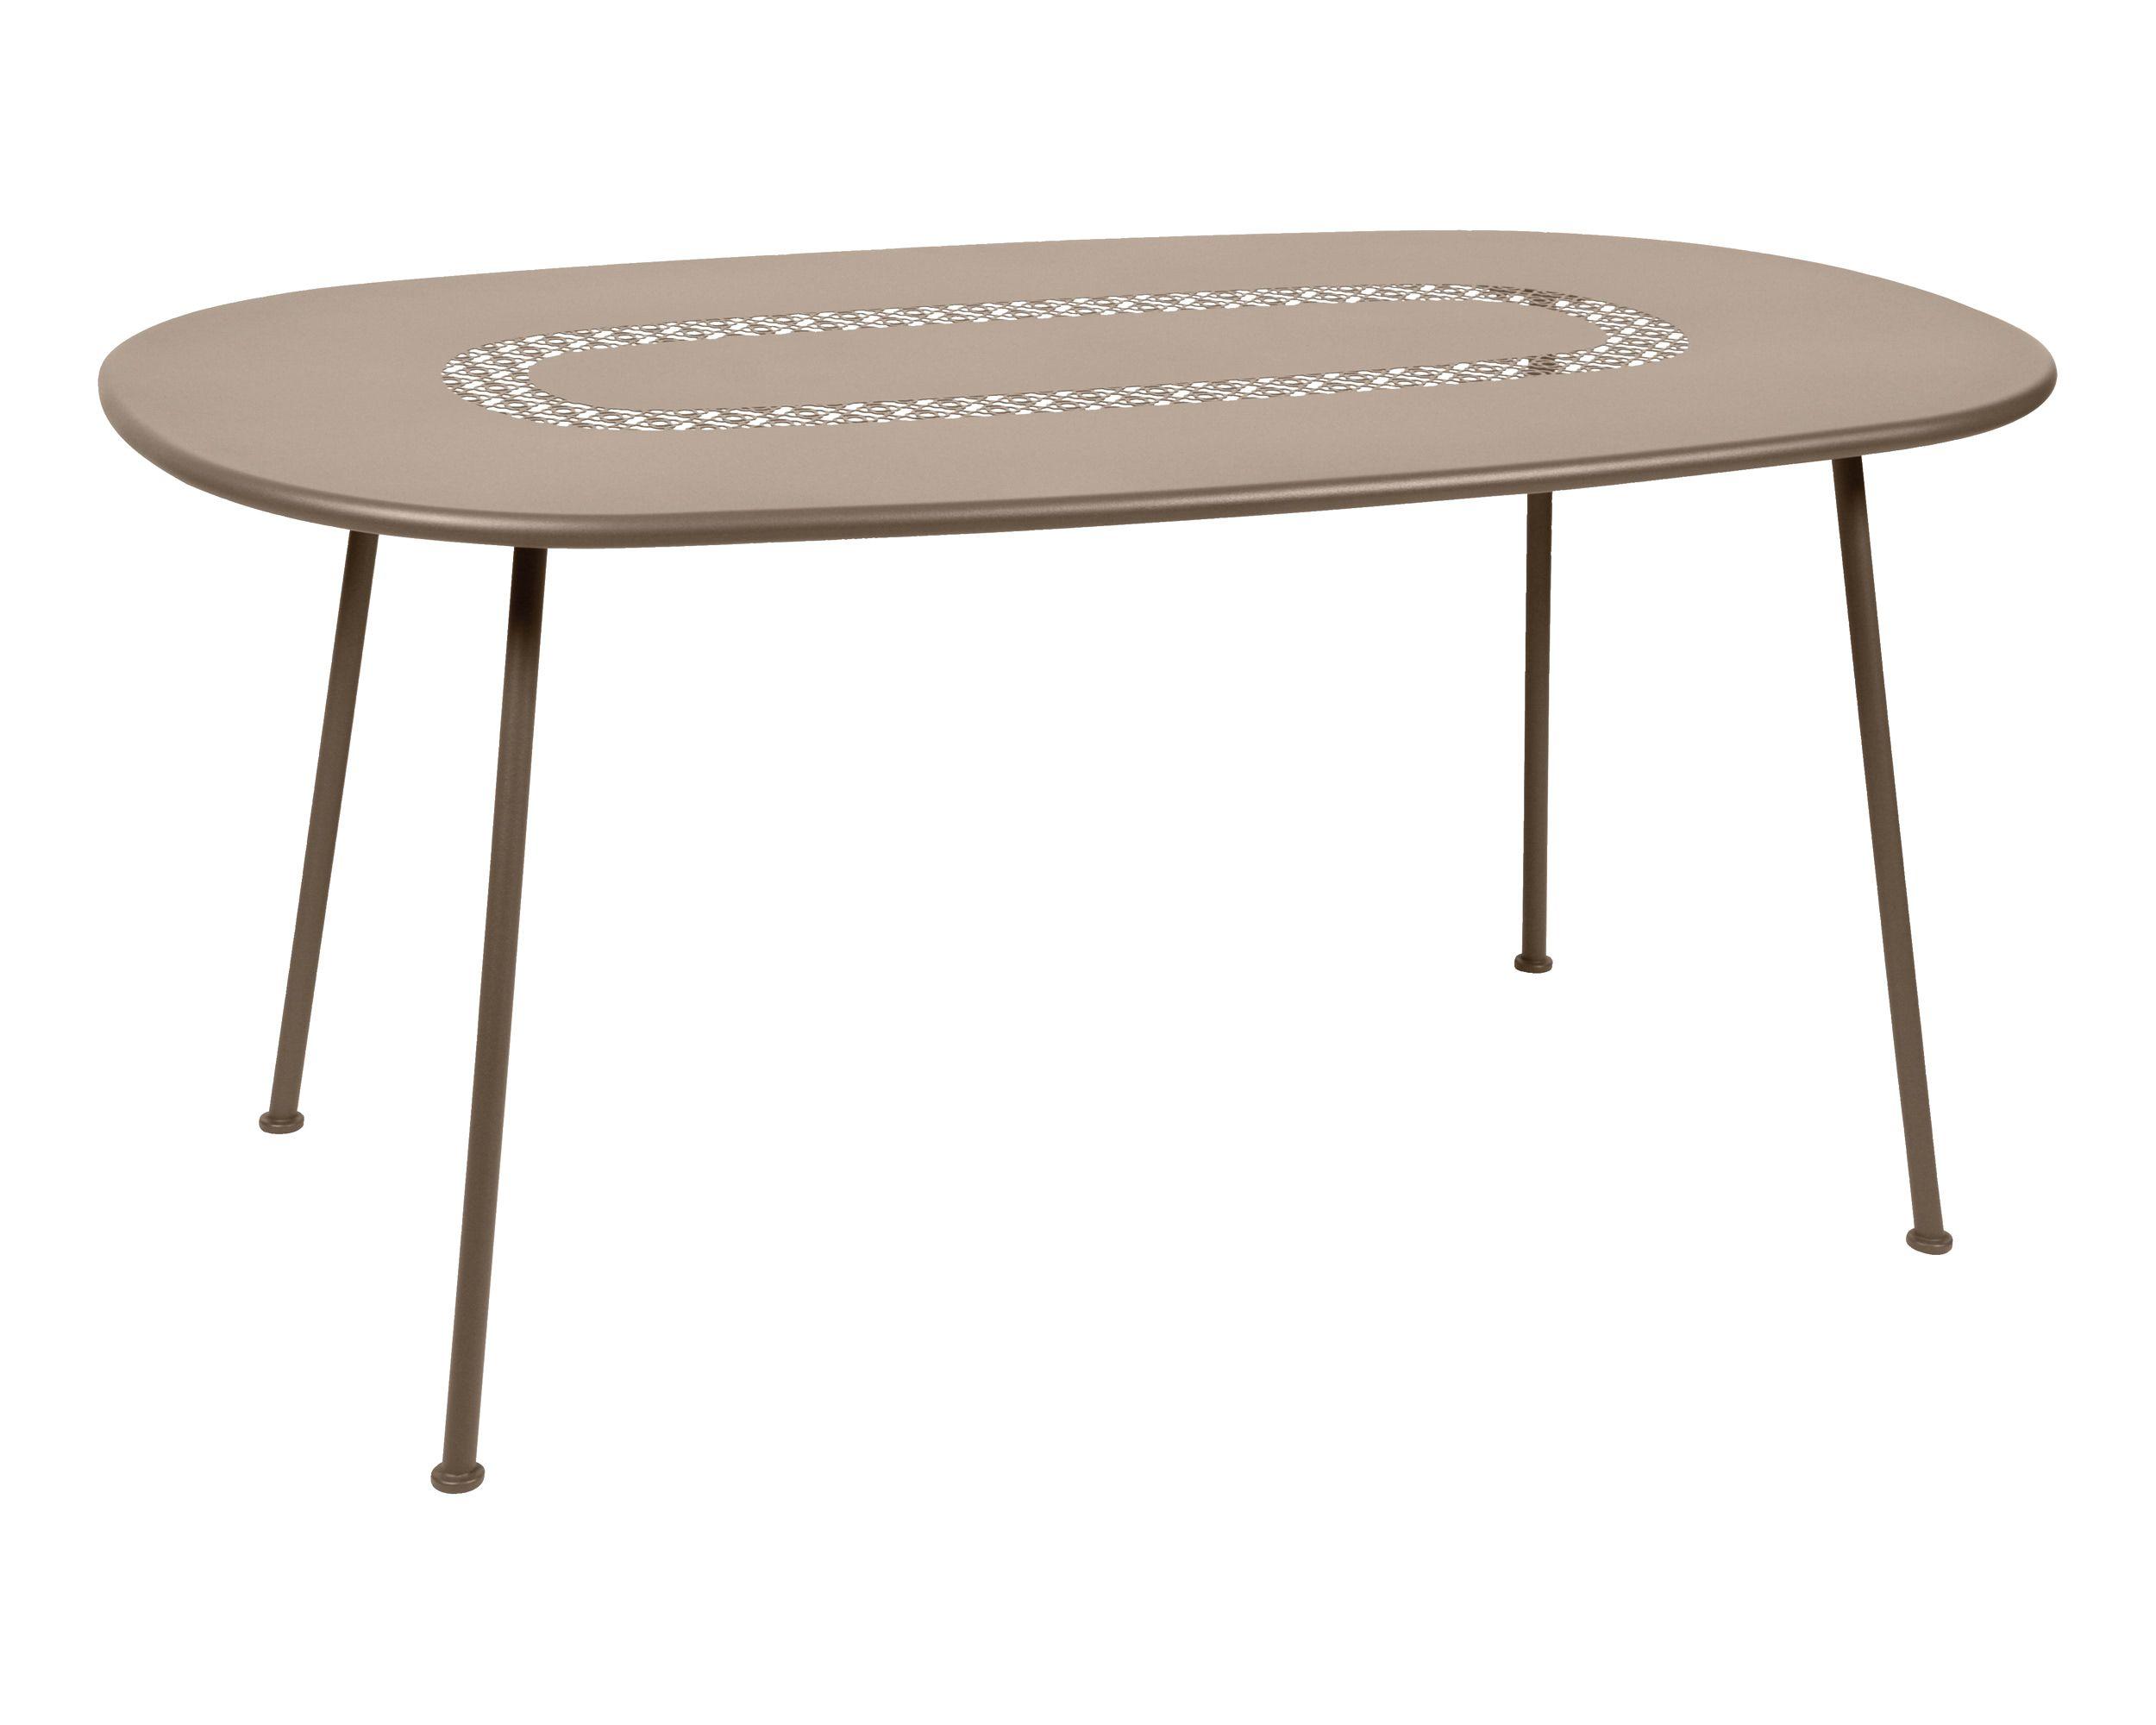 Tisch Lorettte, 90x160cm, oval